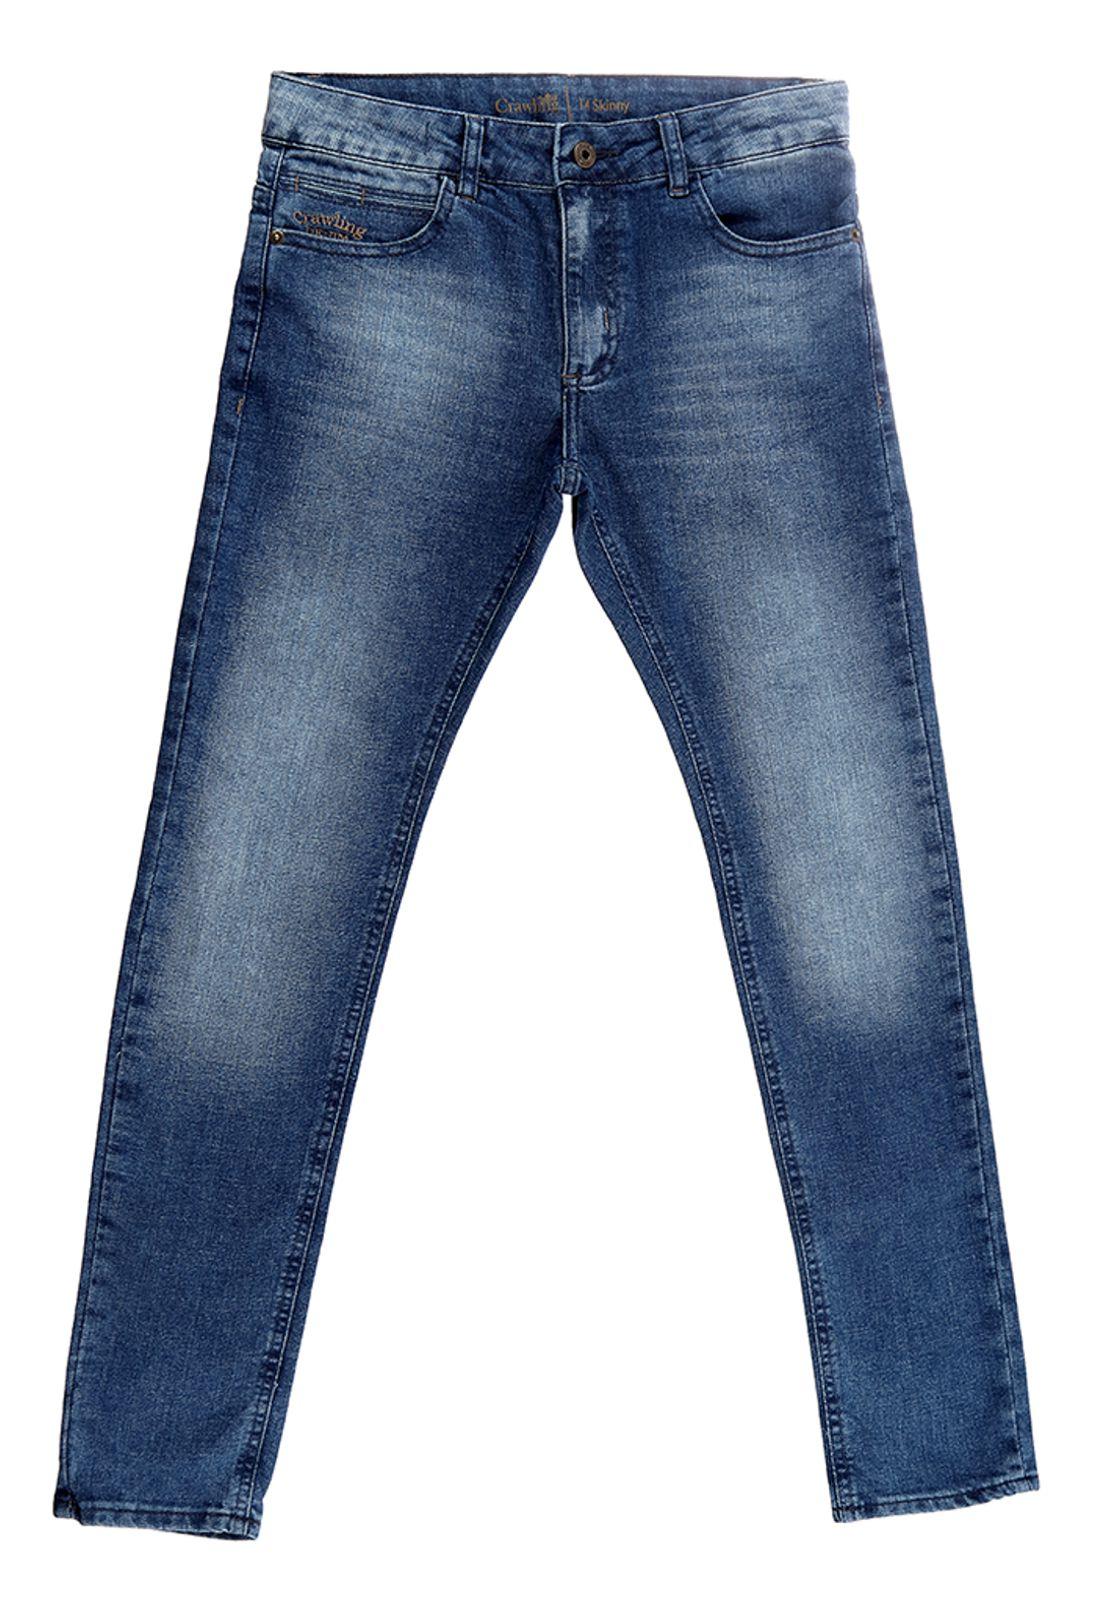 Calça Crawling Masculina Jeans Skinny